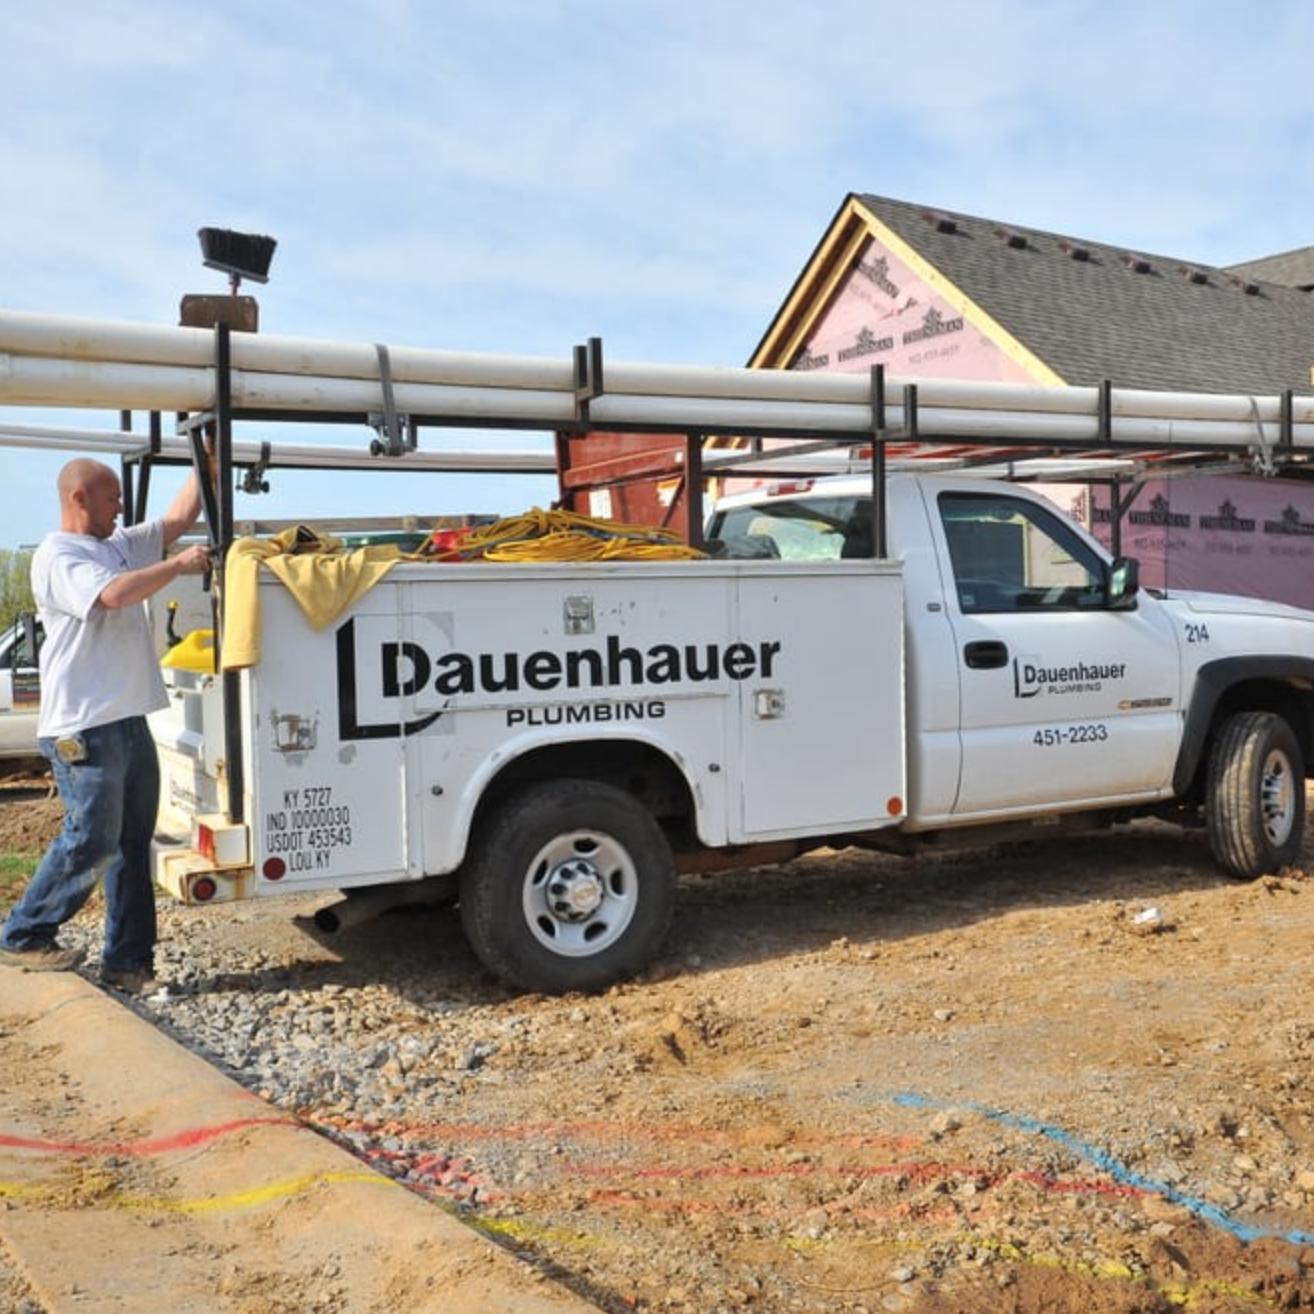 Dauenhauer Plumbing